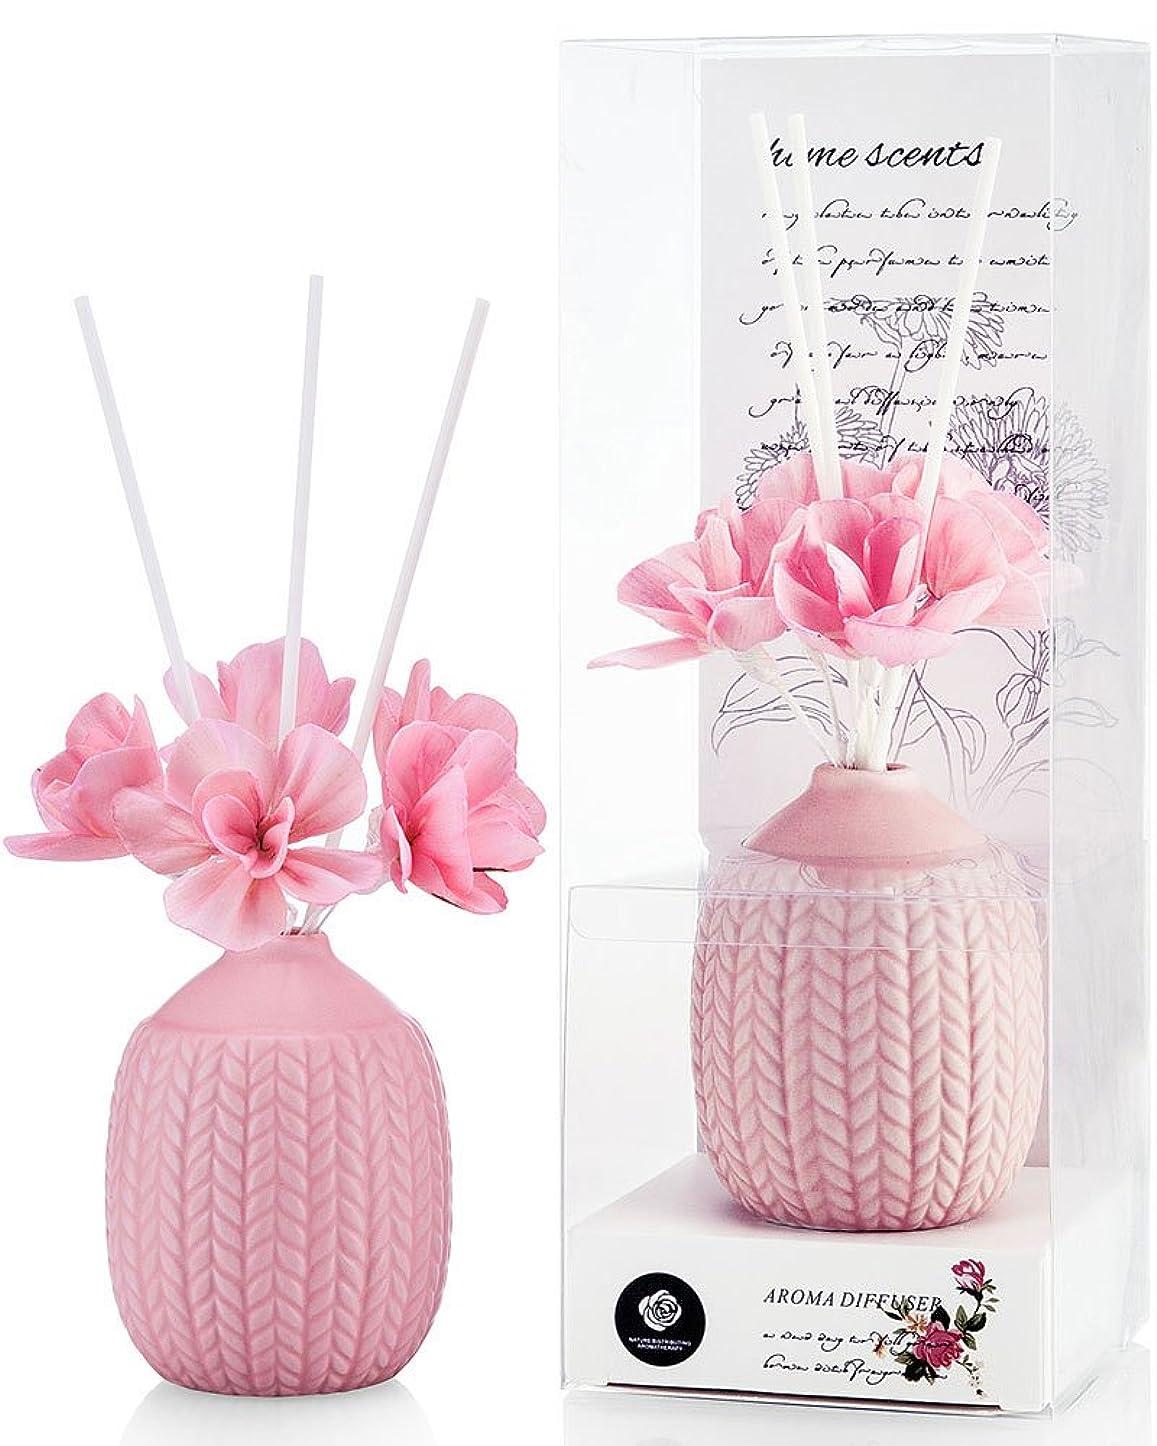 継続中不完全なアマチュアパステルカラー ルームフレグランス /芳香剤 アロマ スティック リードディフューザー (花:ピンク、香り:さくら)